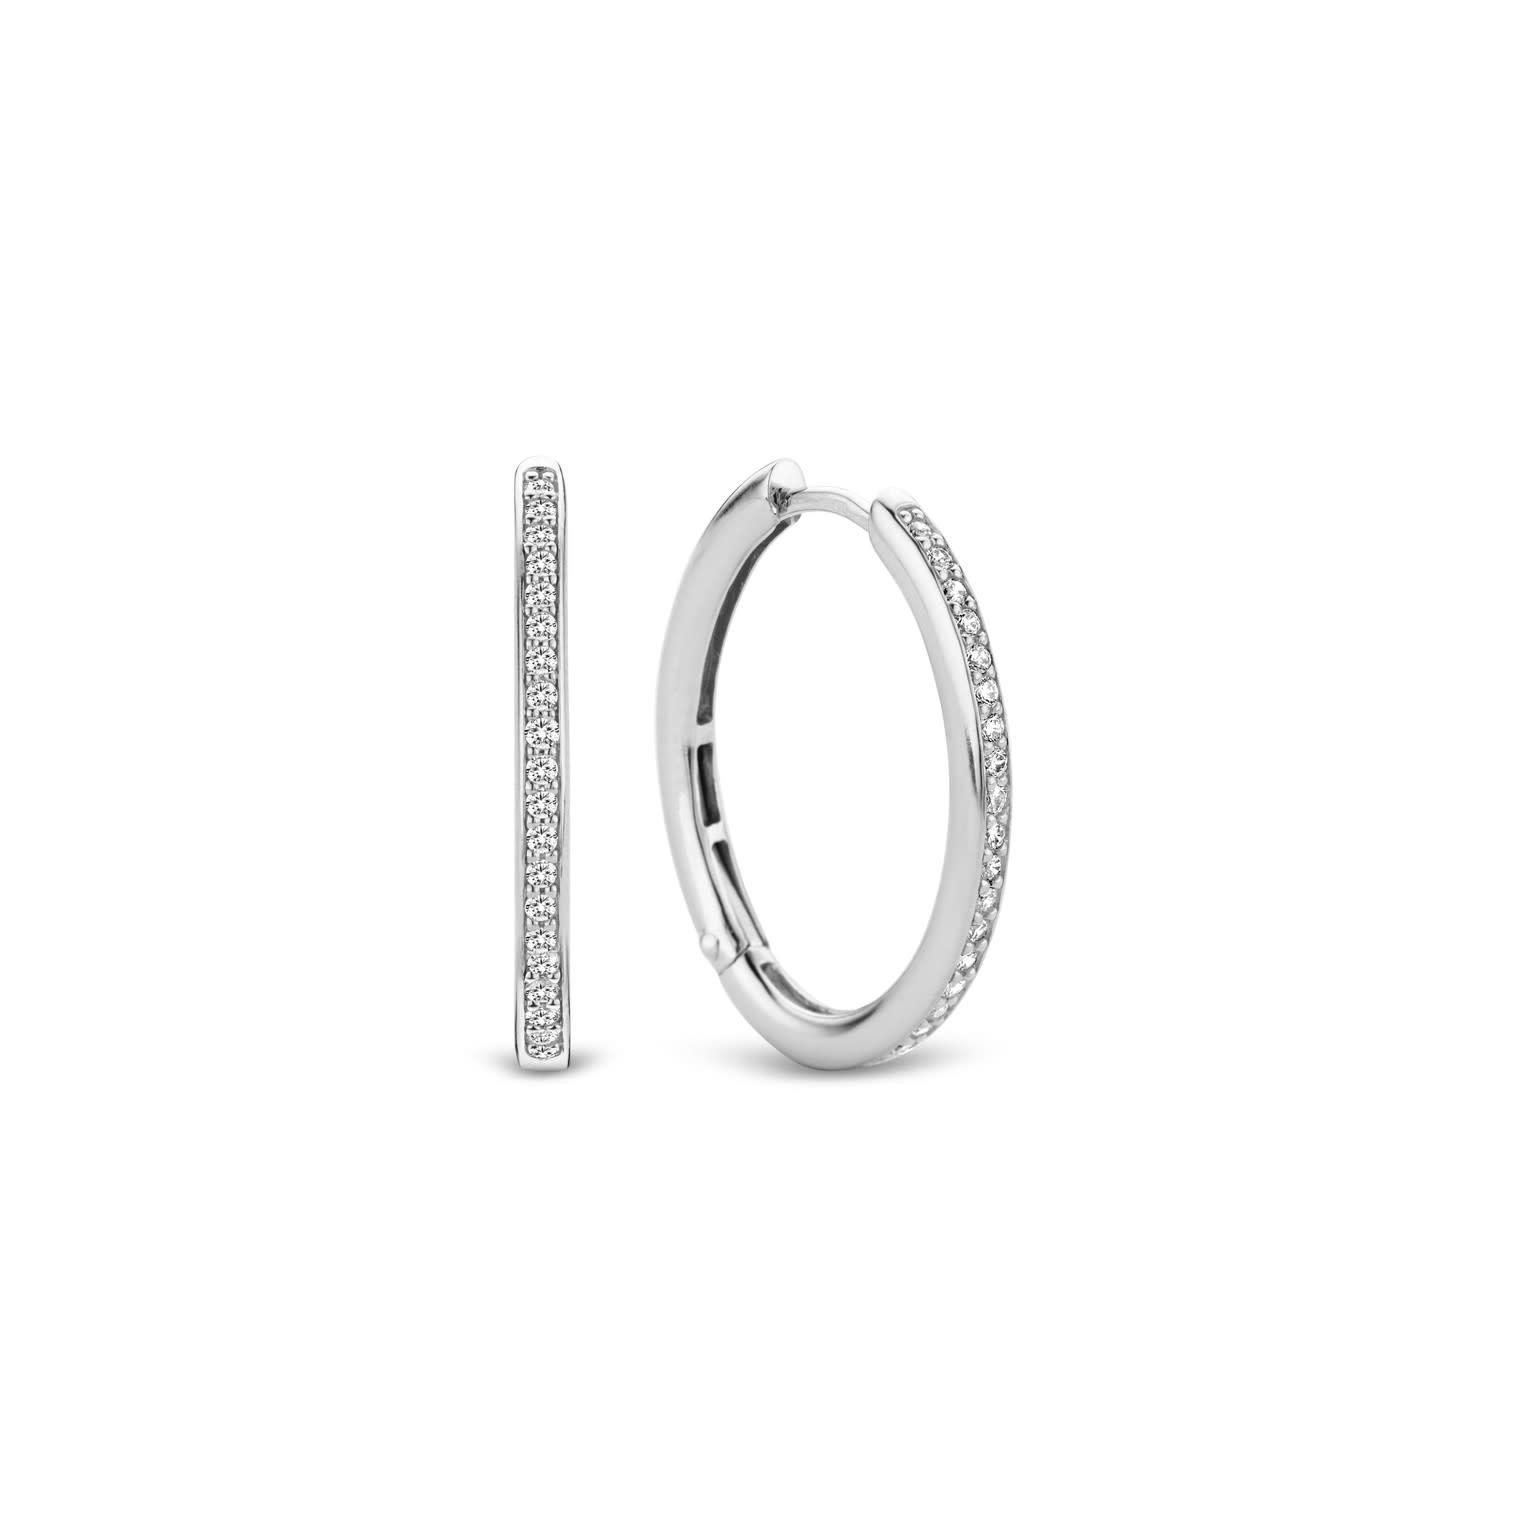 TI SENTO - Milano Earrings 7789ZI-1